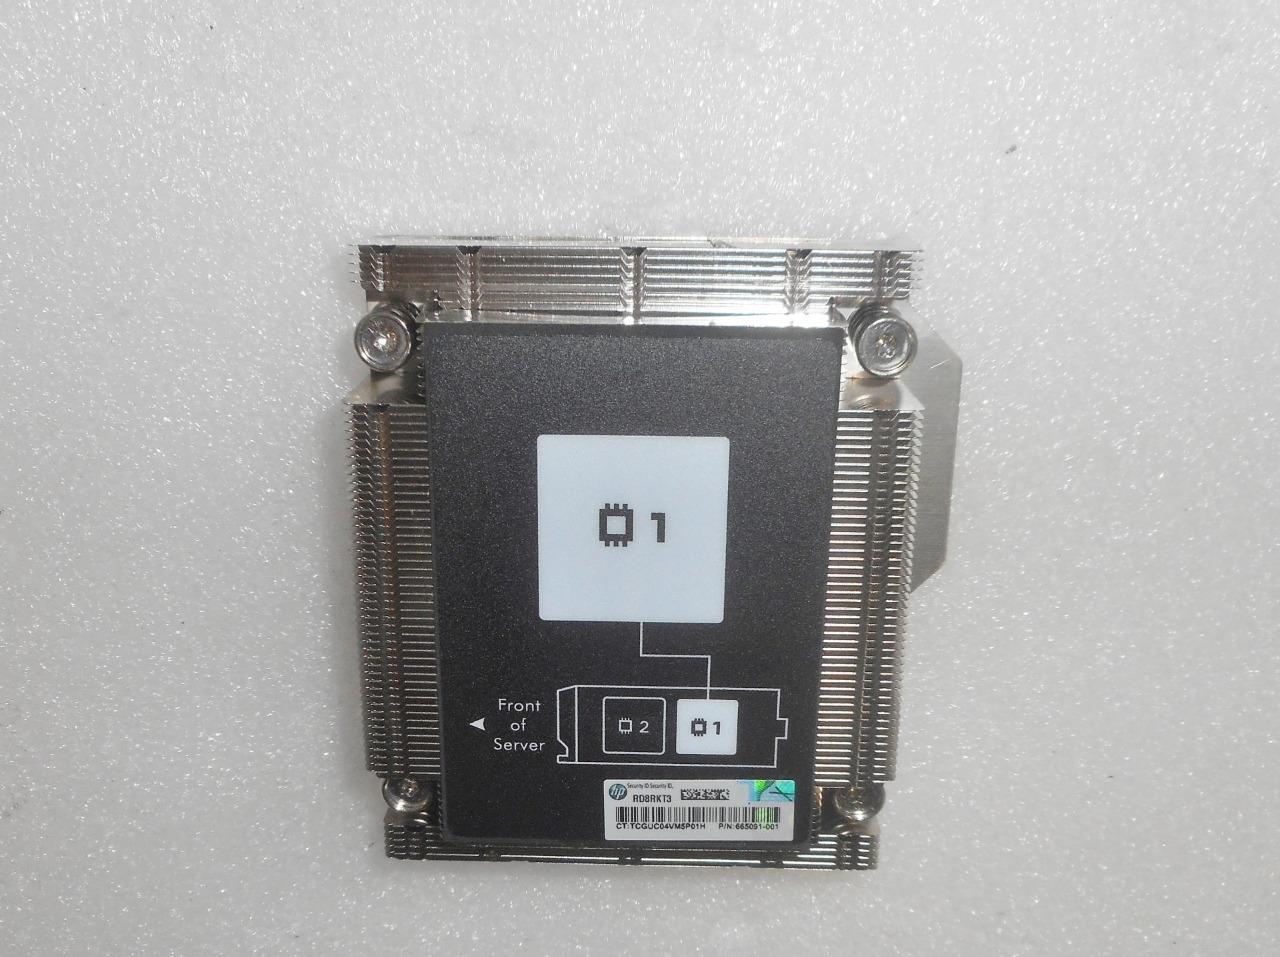 HP 712431-001 BL460c Gen8 CPU 1 Heatsink 665002-002